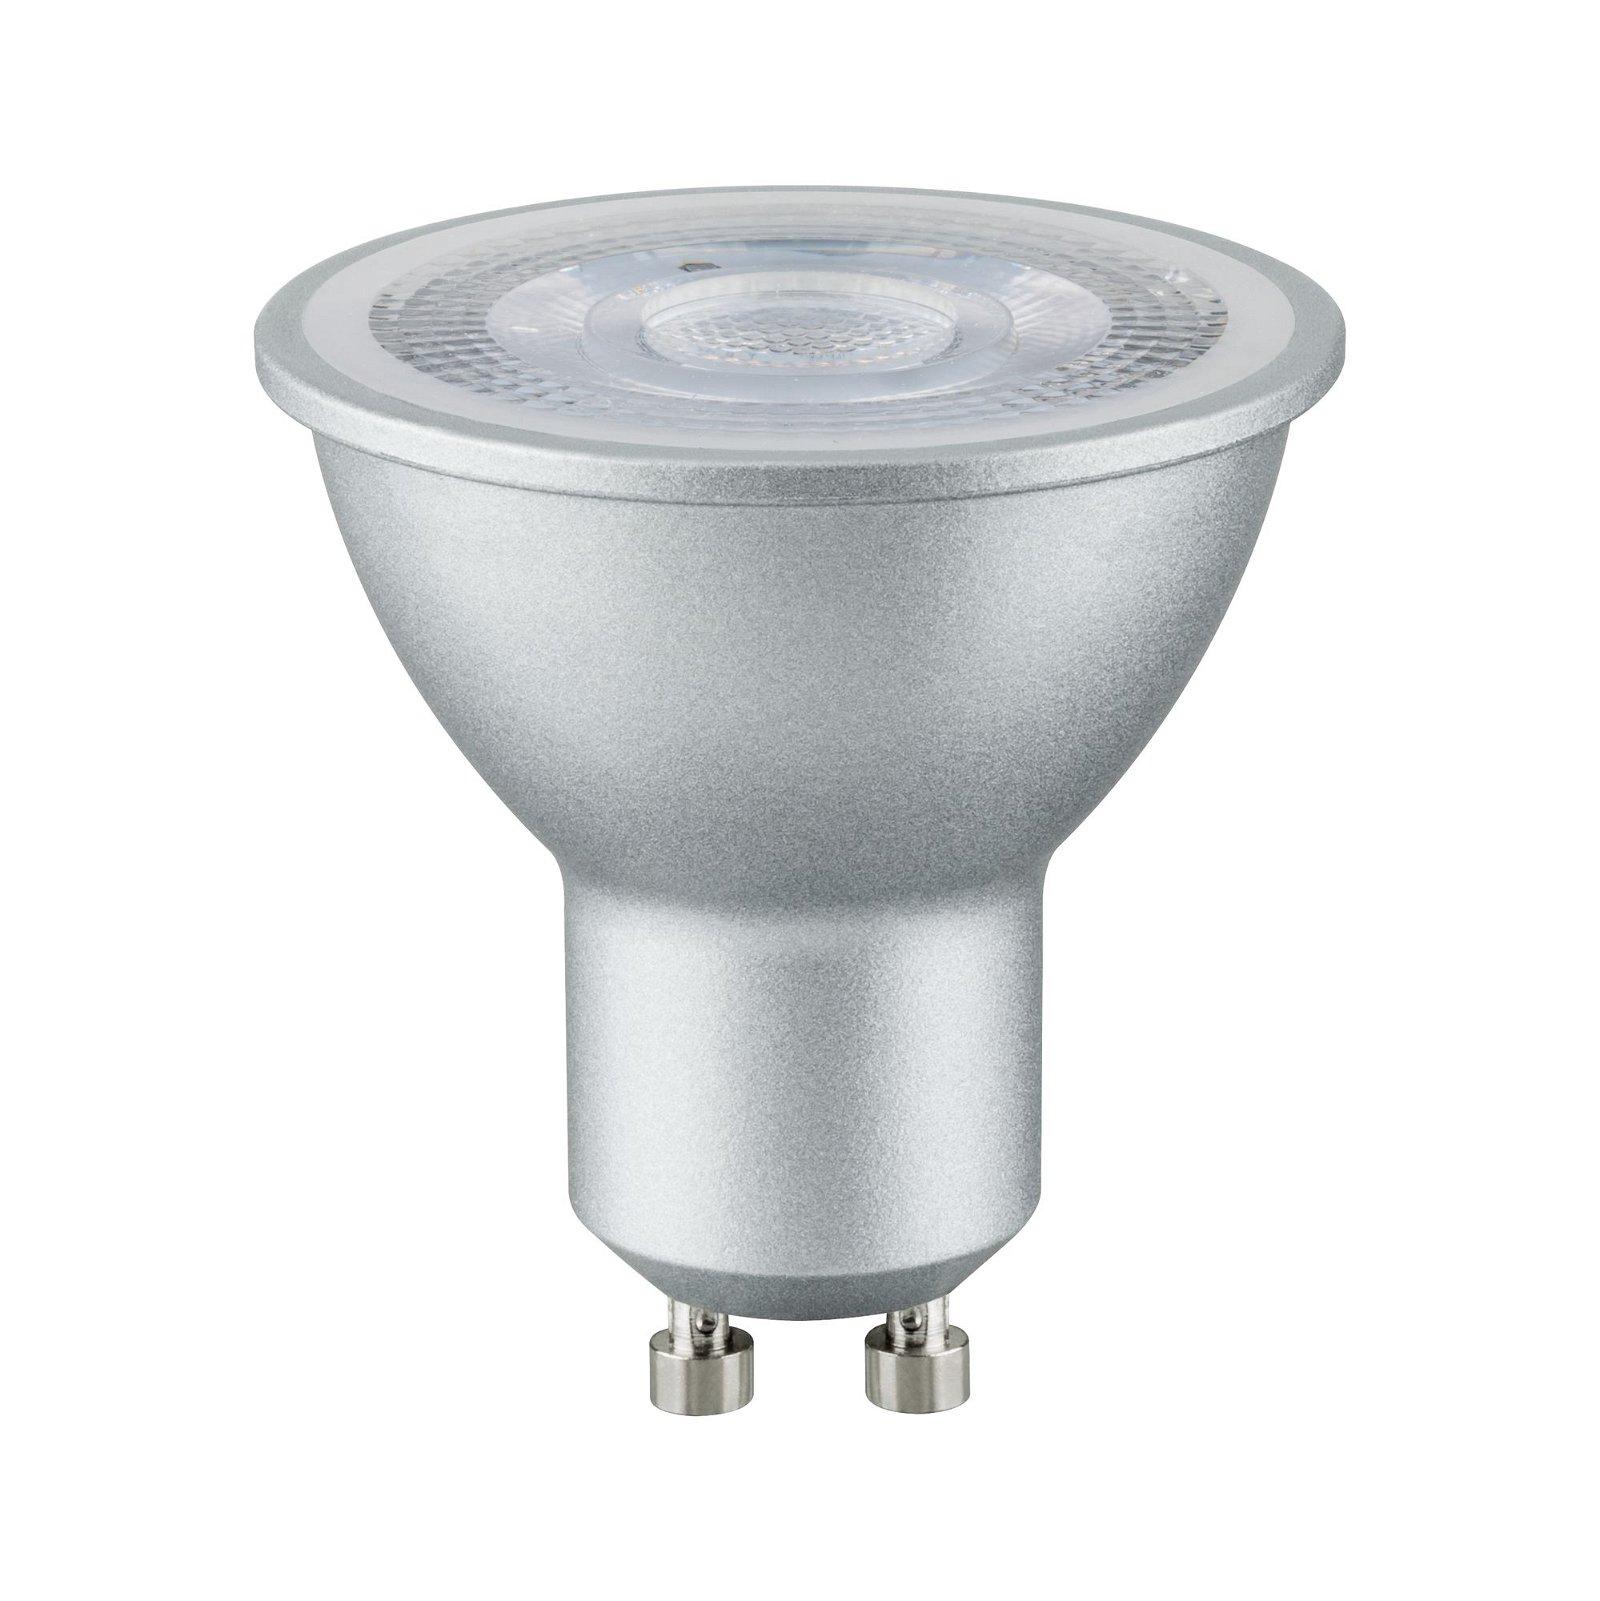 Réflecteur LED 5,5W GU10 Blanc chaud gradable